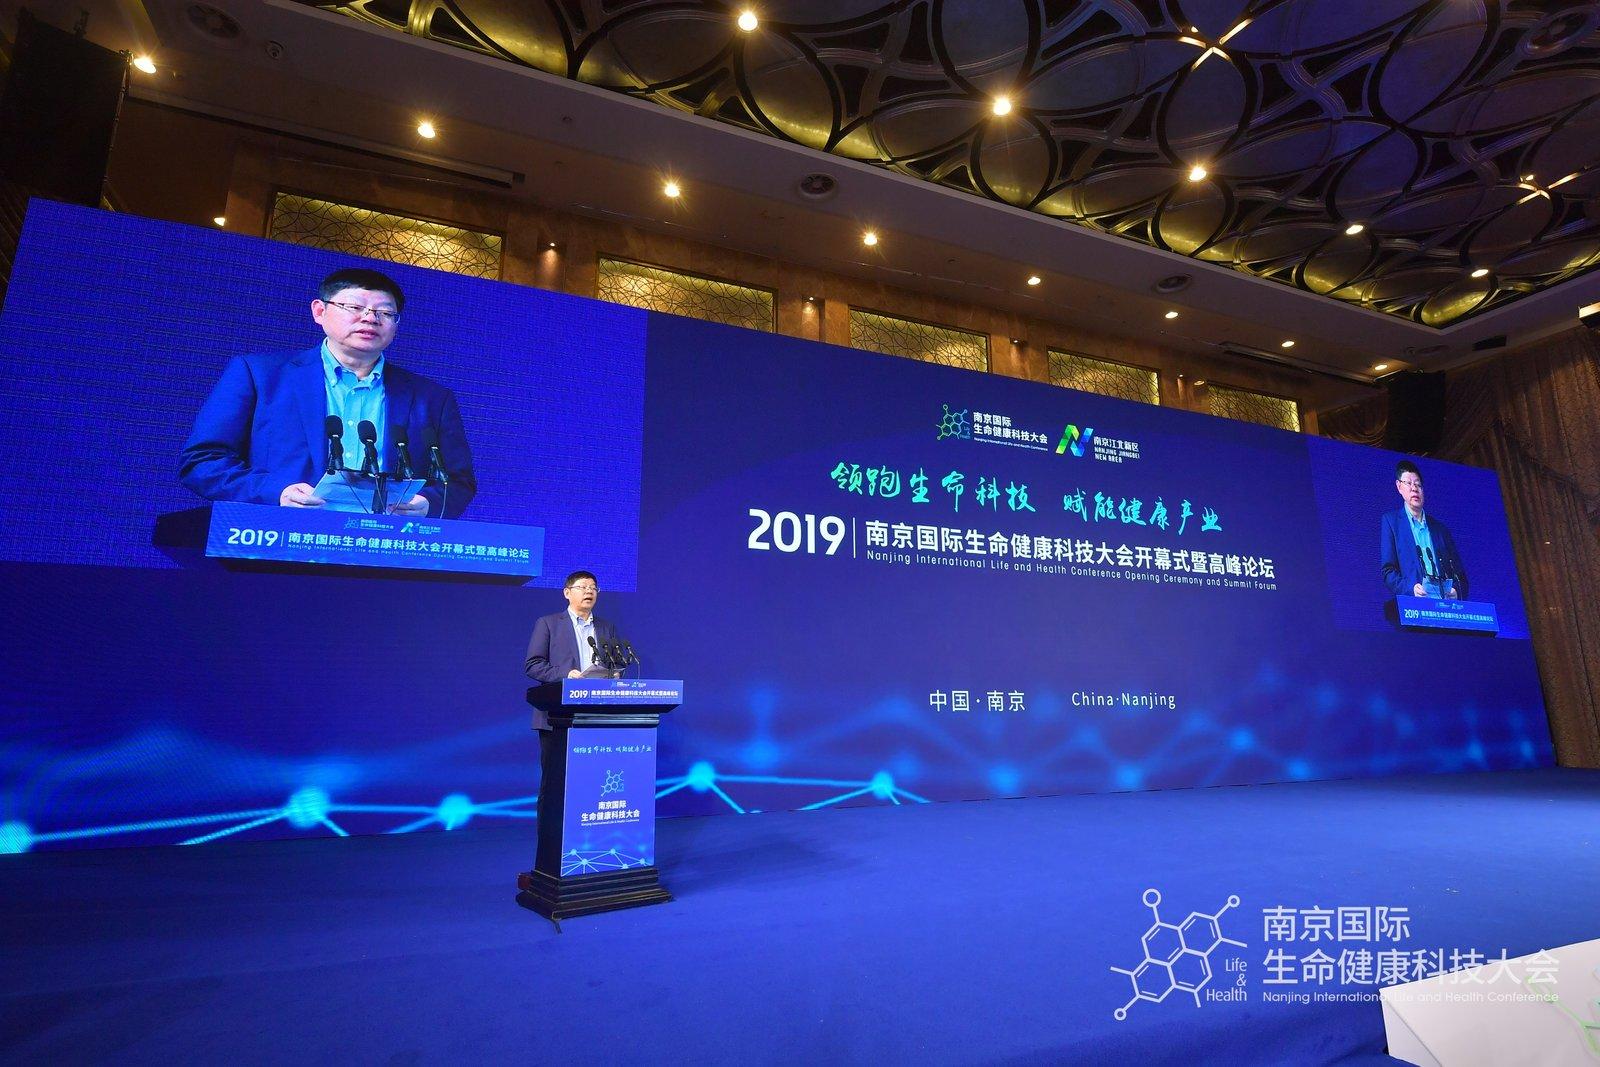 2019南京国际生命健康科技大会盛大开幕,科技赋能备受关注